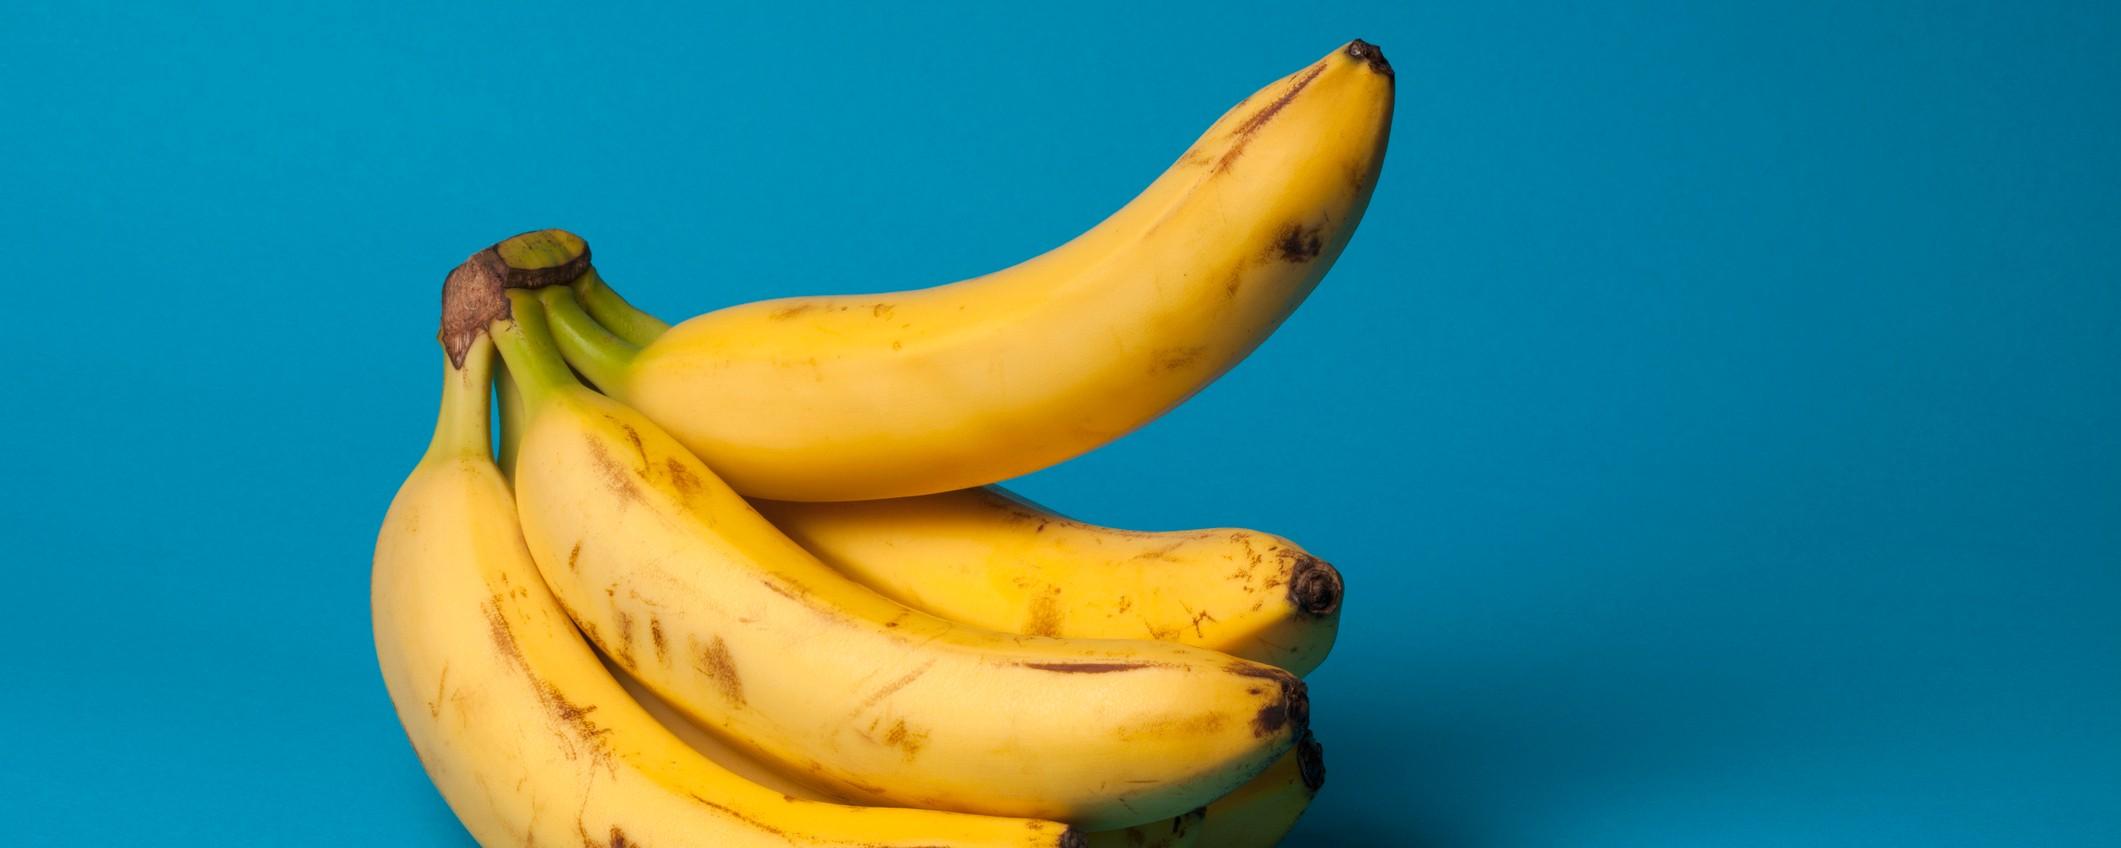 cum se îmbunătățește erecția la bărbați penisul se îndoaie în timpul erecției